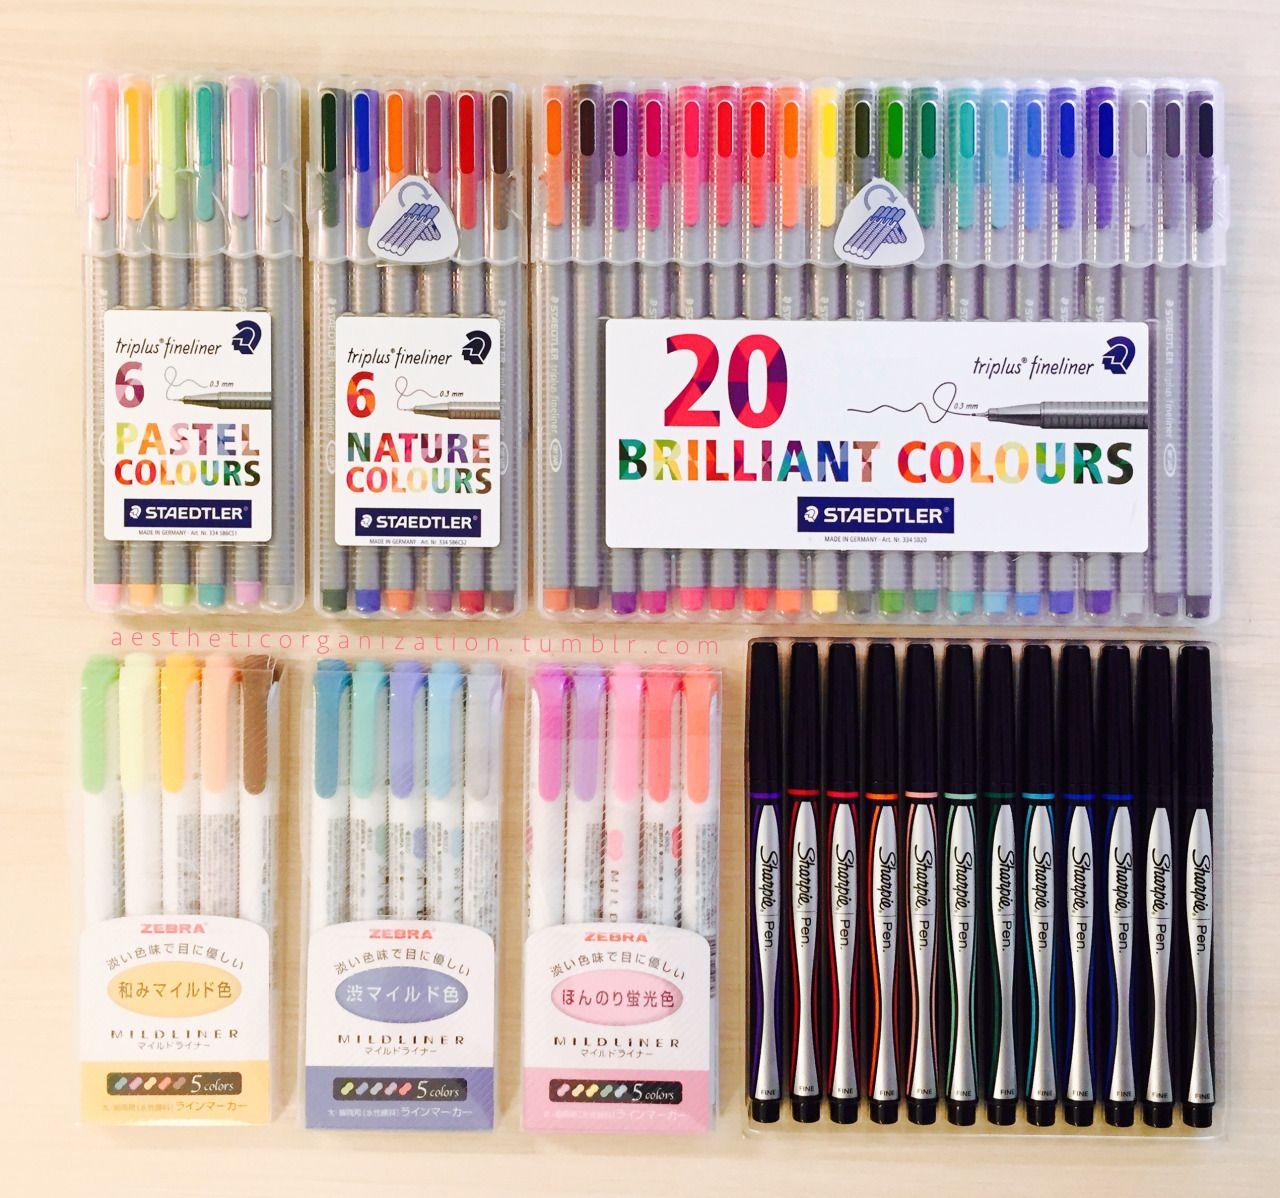 Aestheticorganization Pen Collection